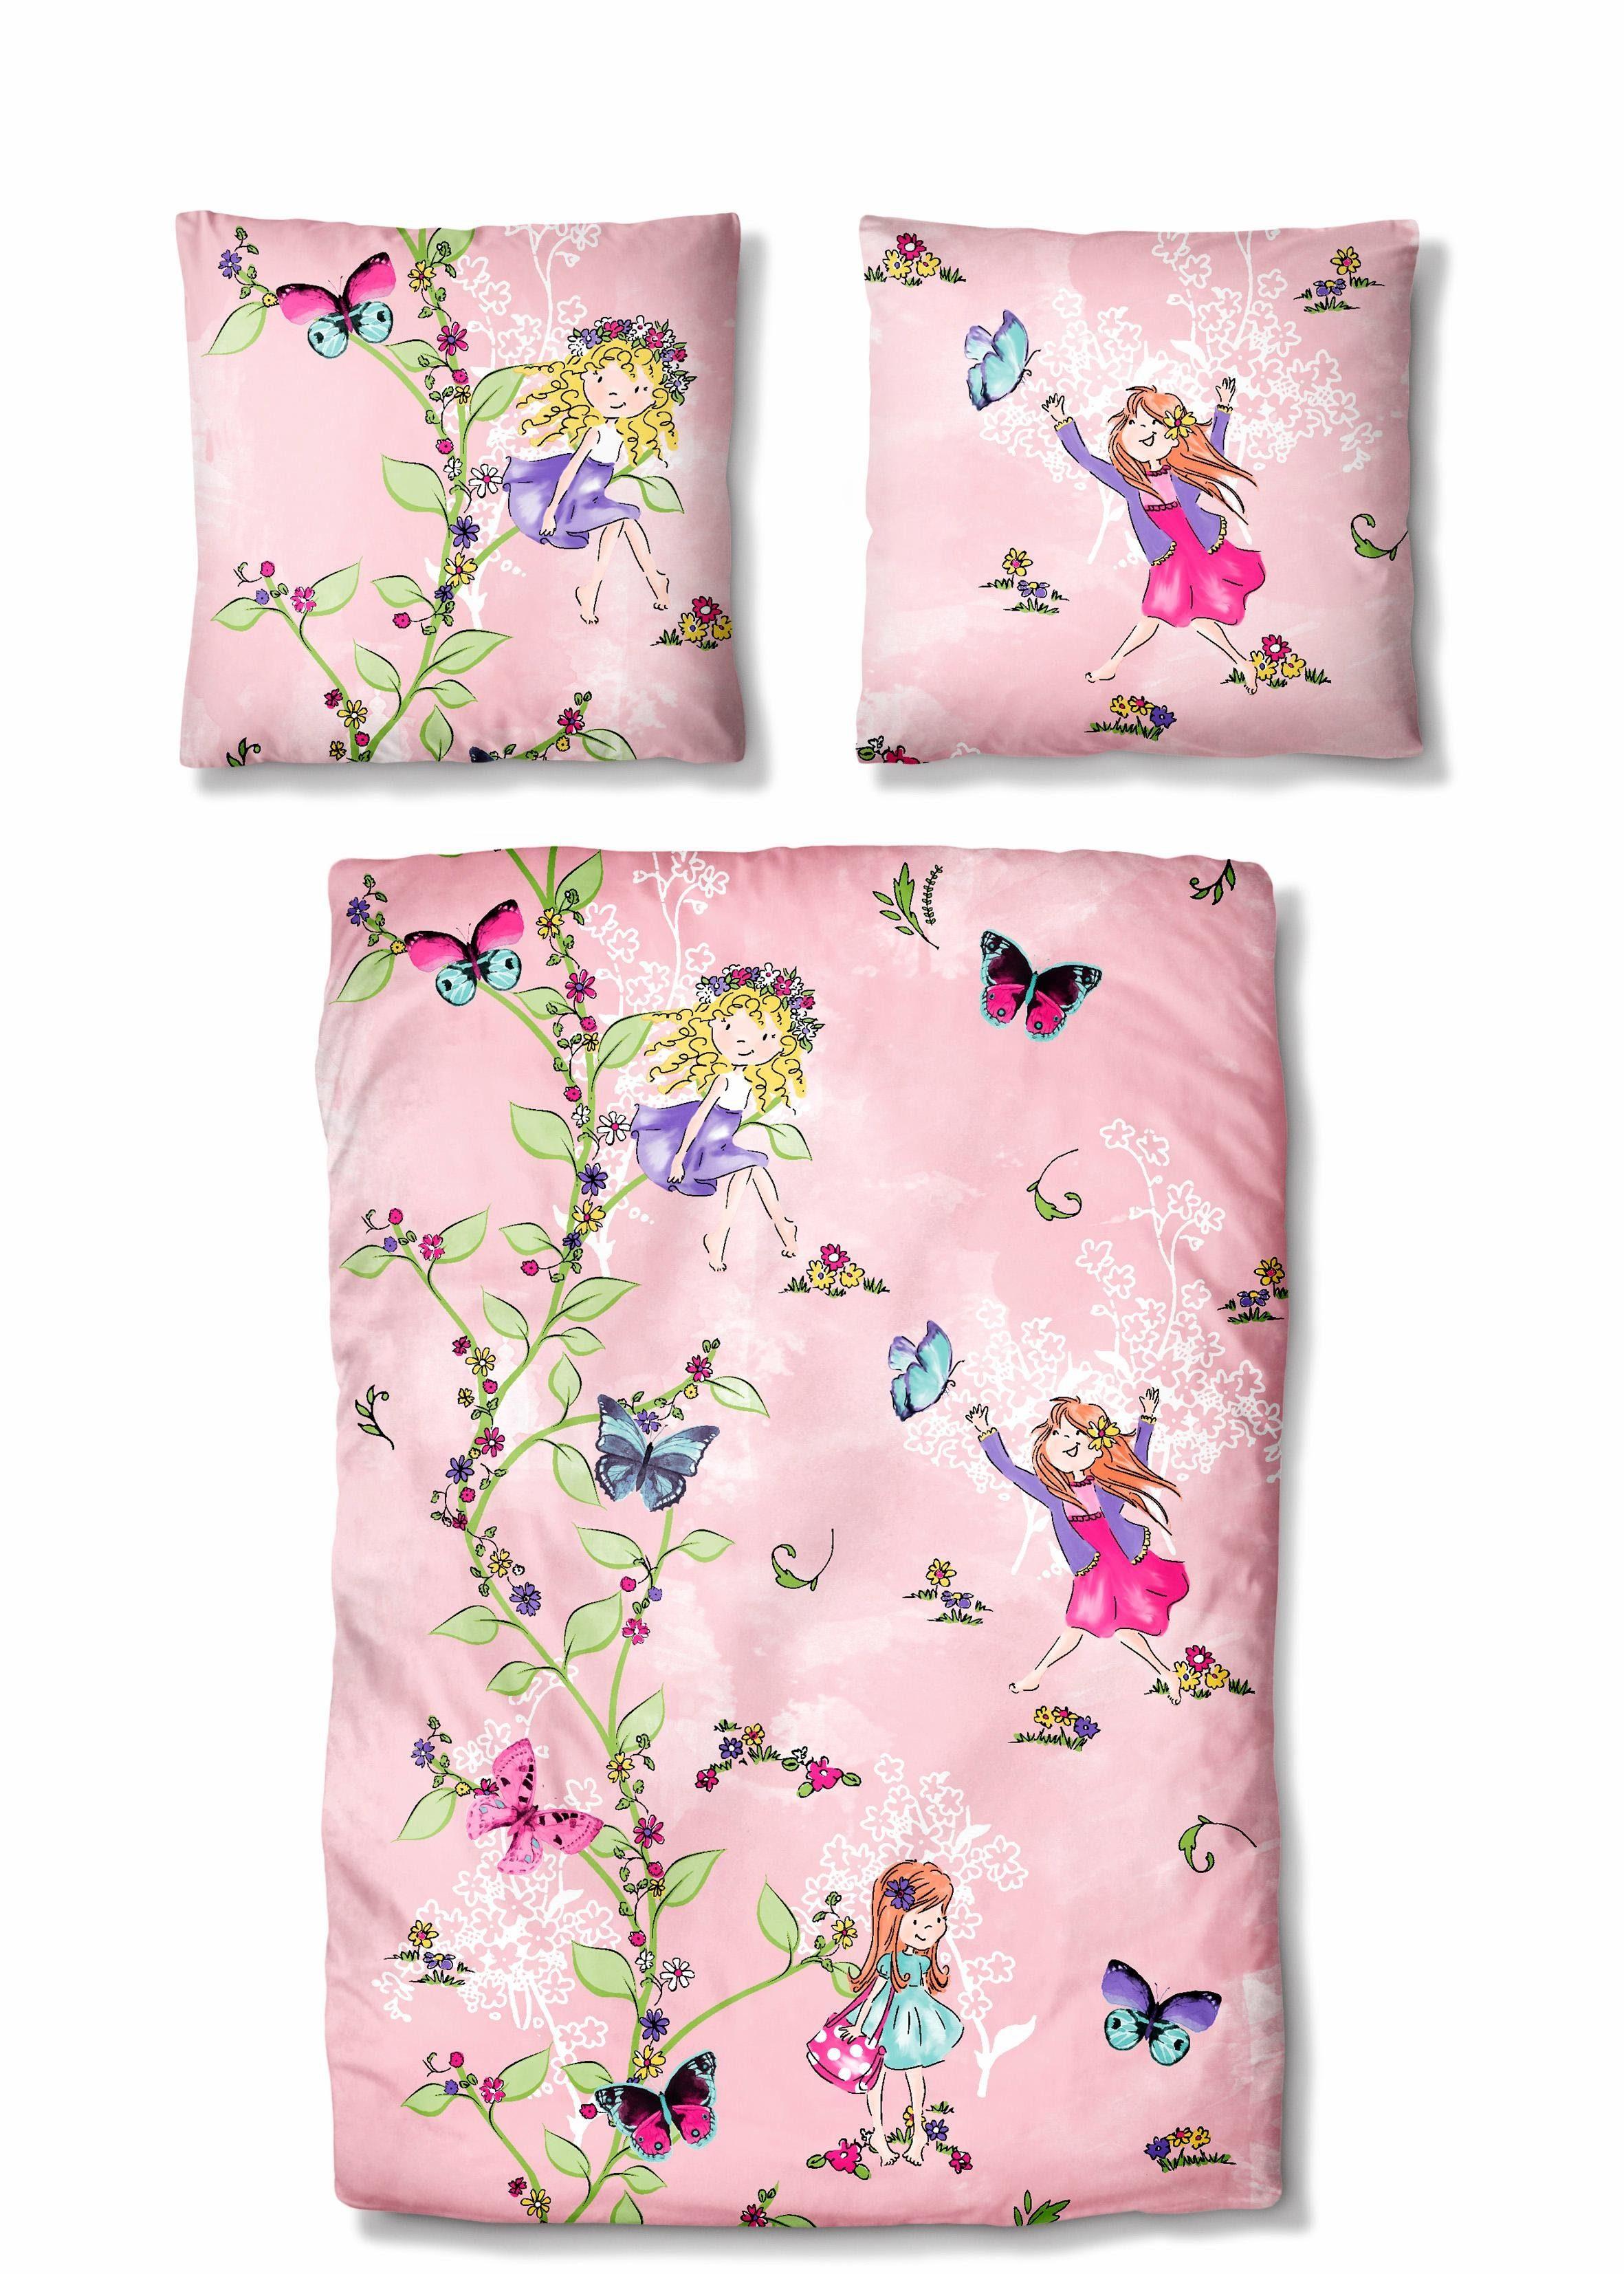 Kinderbettwäsche »Fairytale«, Auro Hometextile, mit Schmetterlingen und Feen